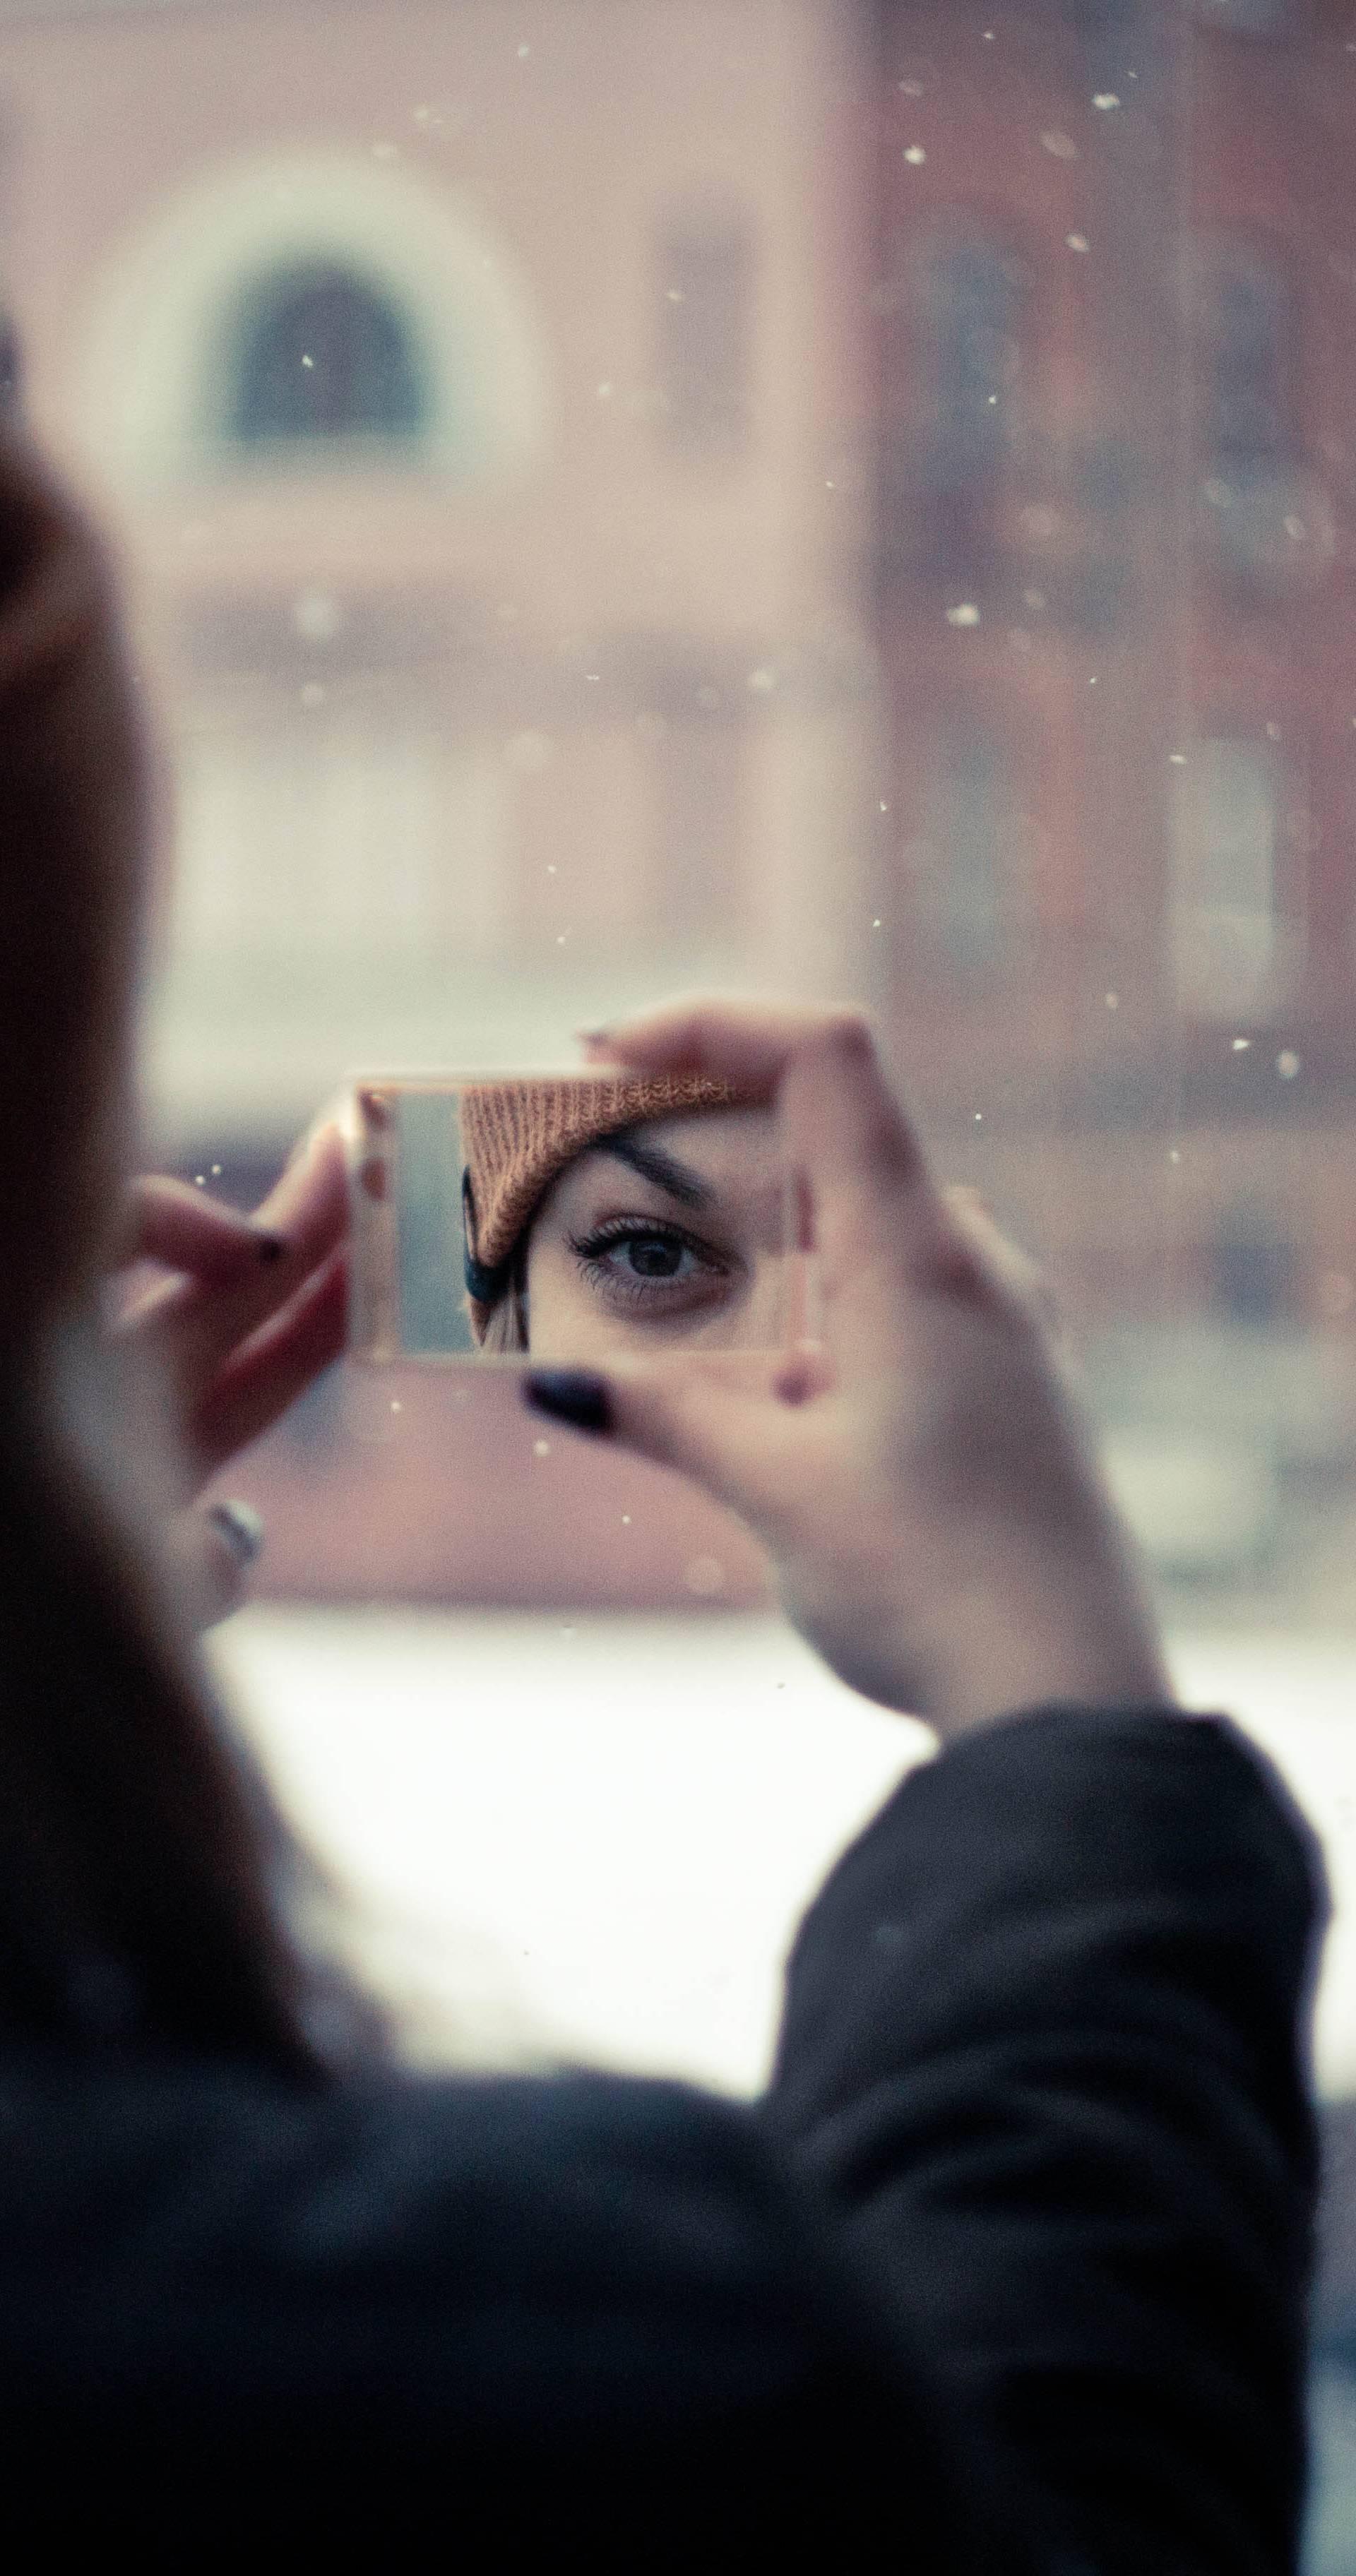 'Ovo sam ja', ili što nas čeka izvan granica ljudskih slabosti?